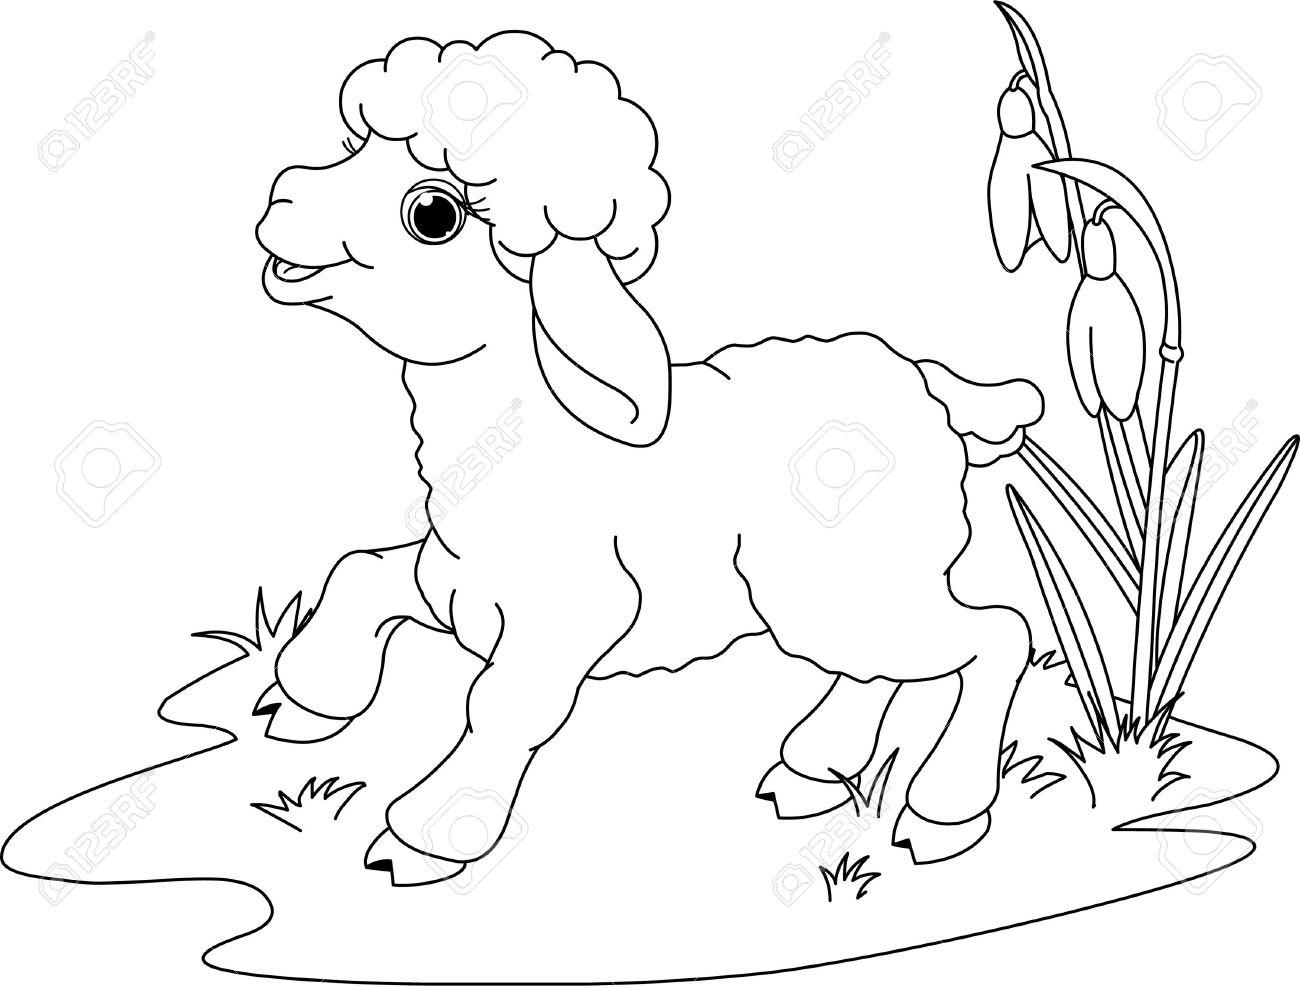 cartoon lamb stock photos u0026 pictures royalty free cartoon lamb